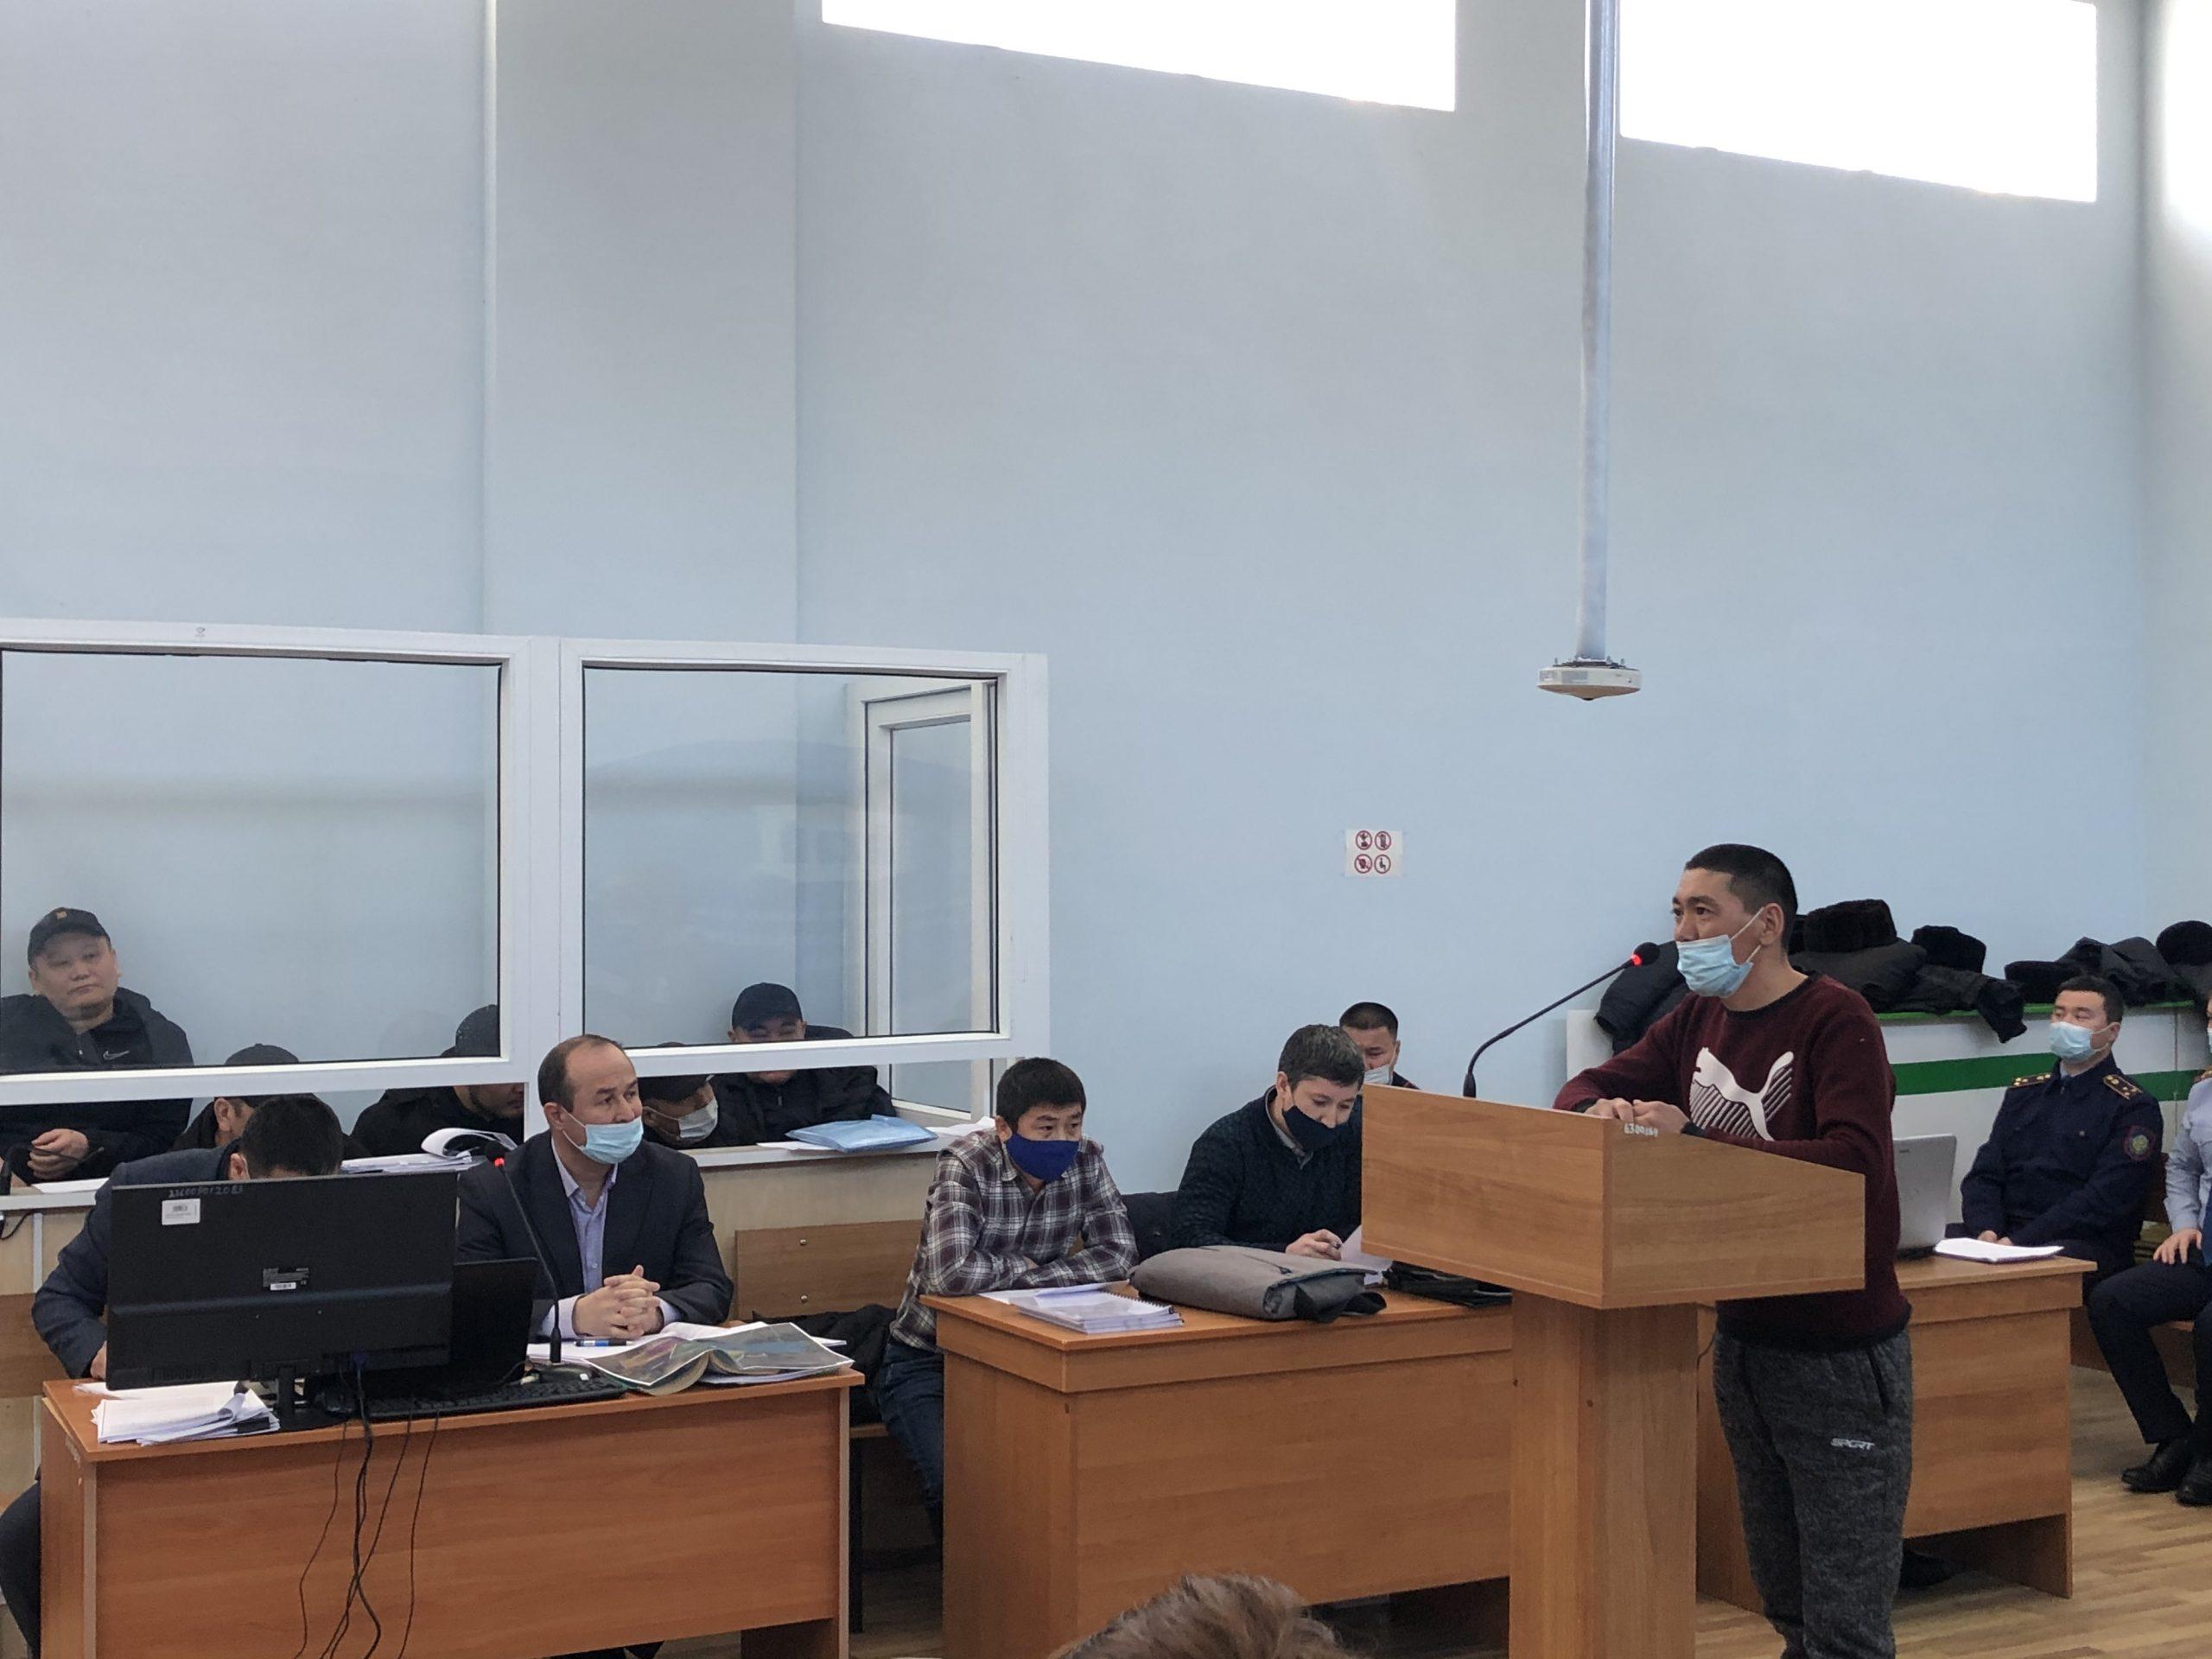 Судебное заседание по делу скотокрадов в ЗКО закончилось конфликтом